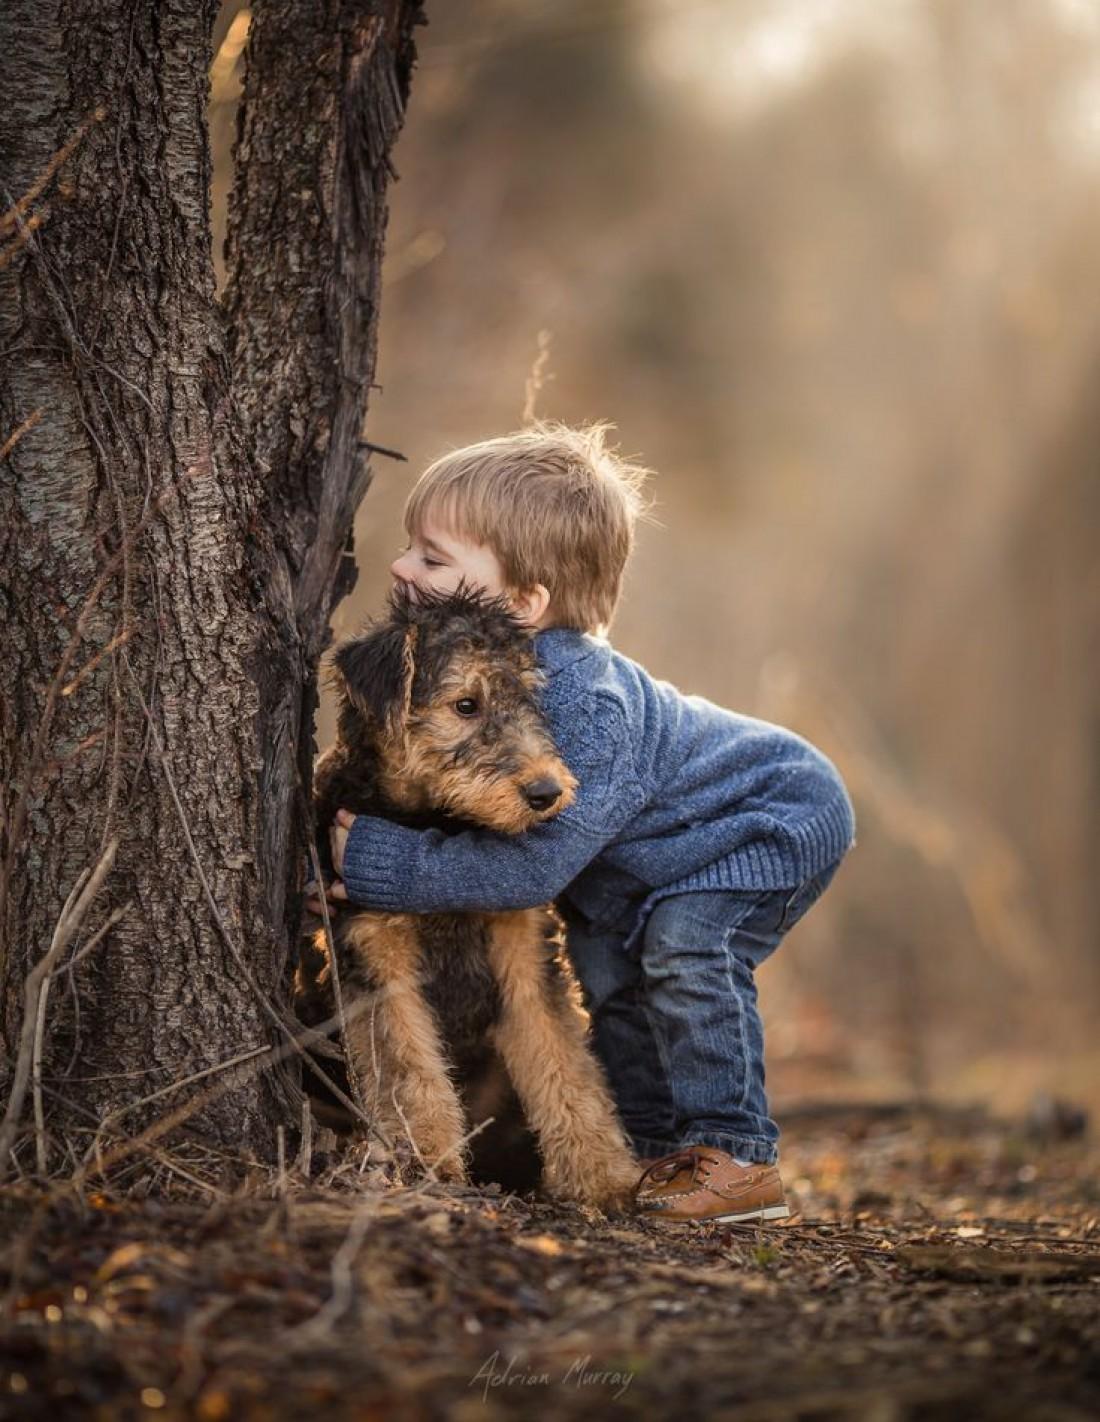 Встреча мальчика с собакой растрогала пользователей Сети